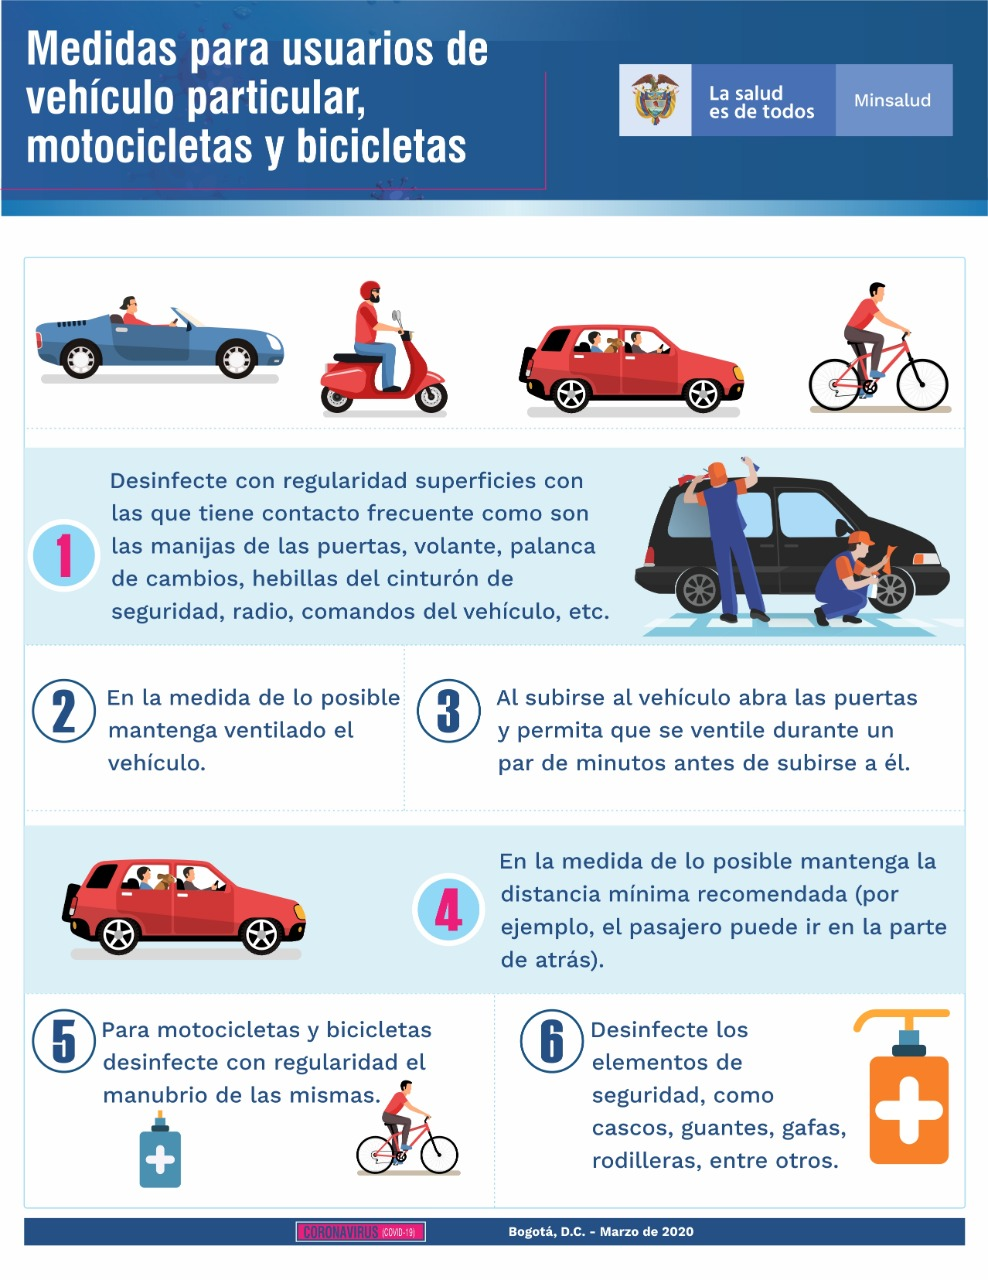 Medidas para usuarios de vehículos particular, motocicletas y bicicletas